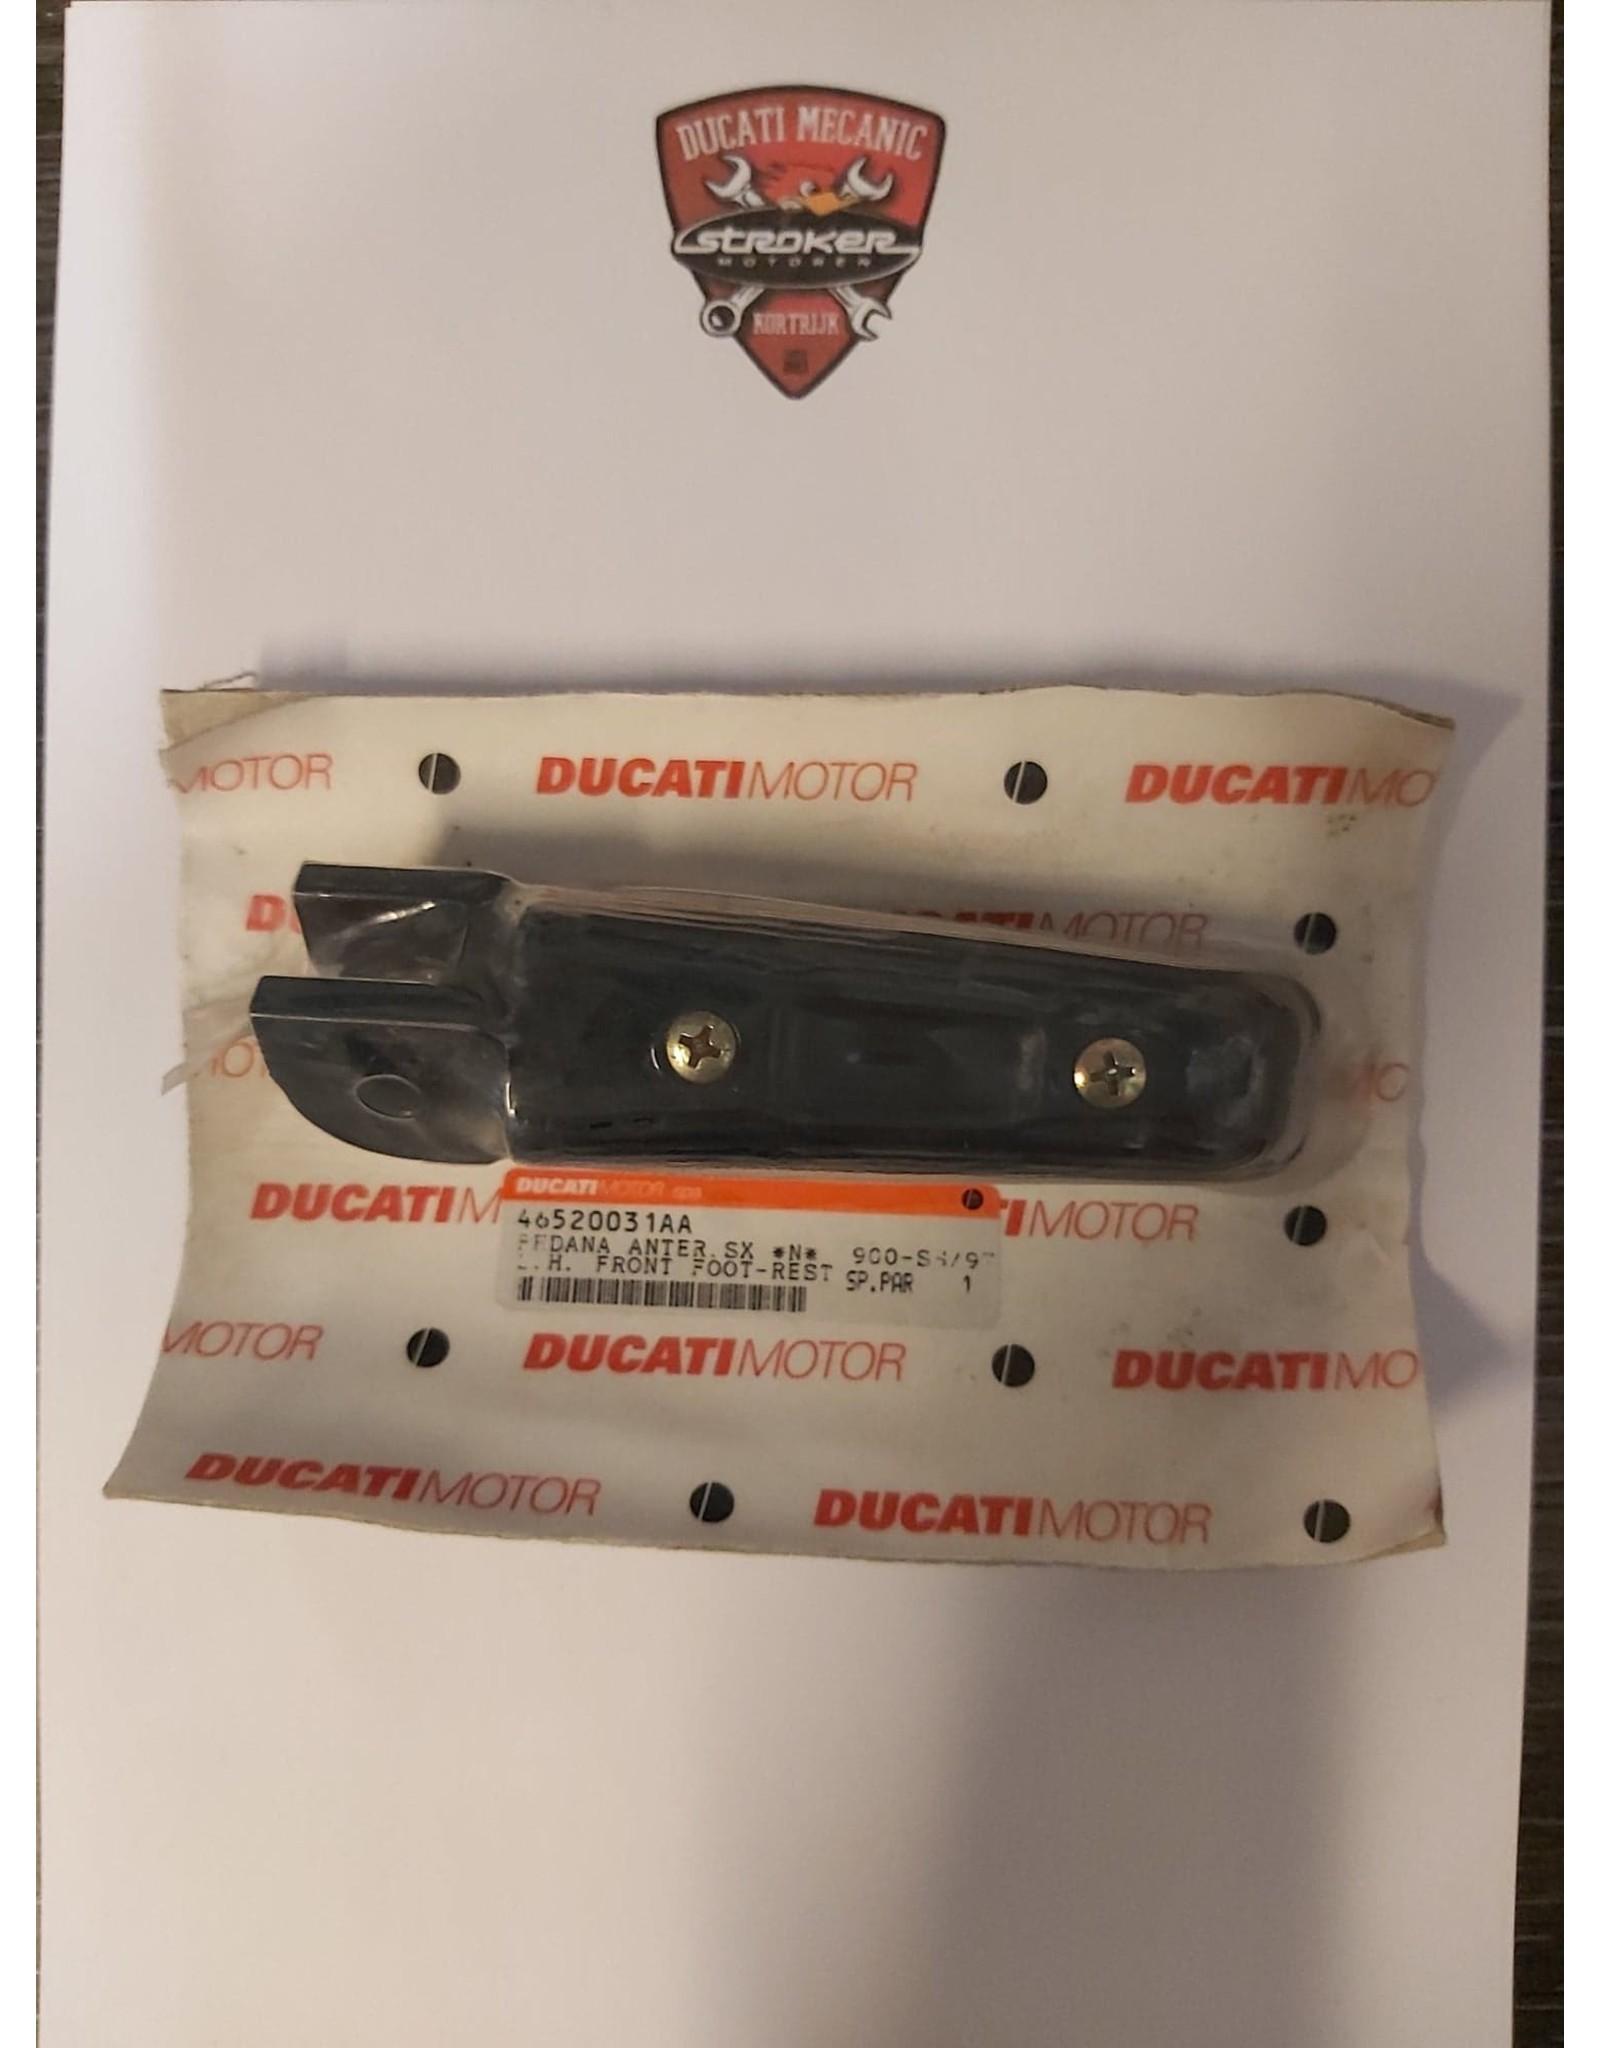 Ducati 46520031AA